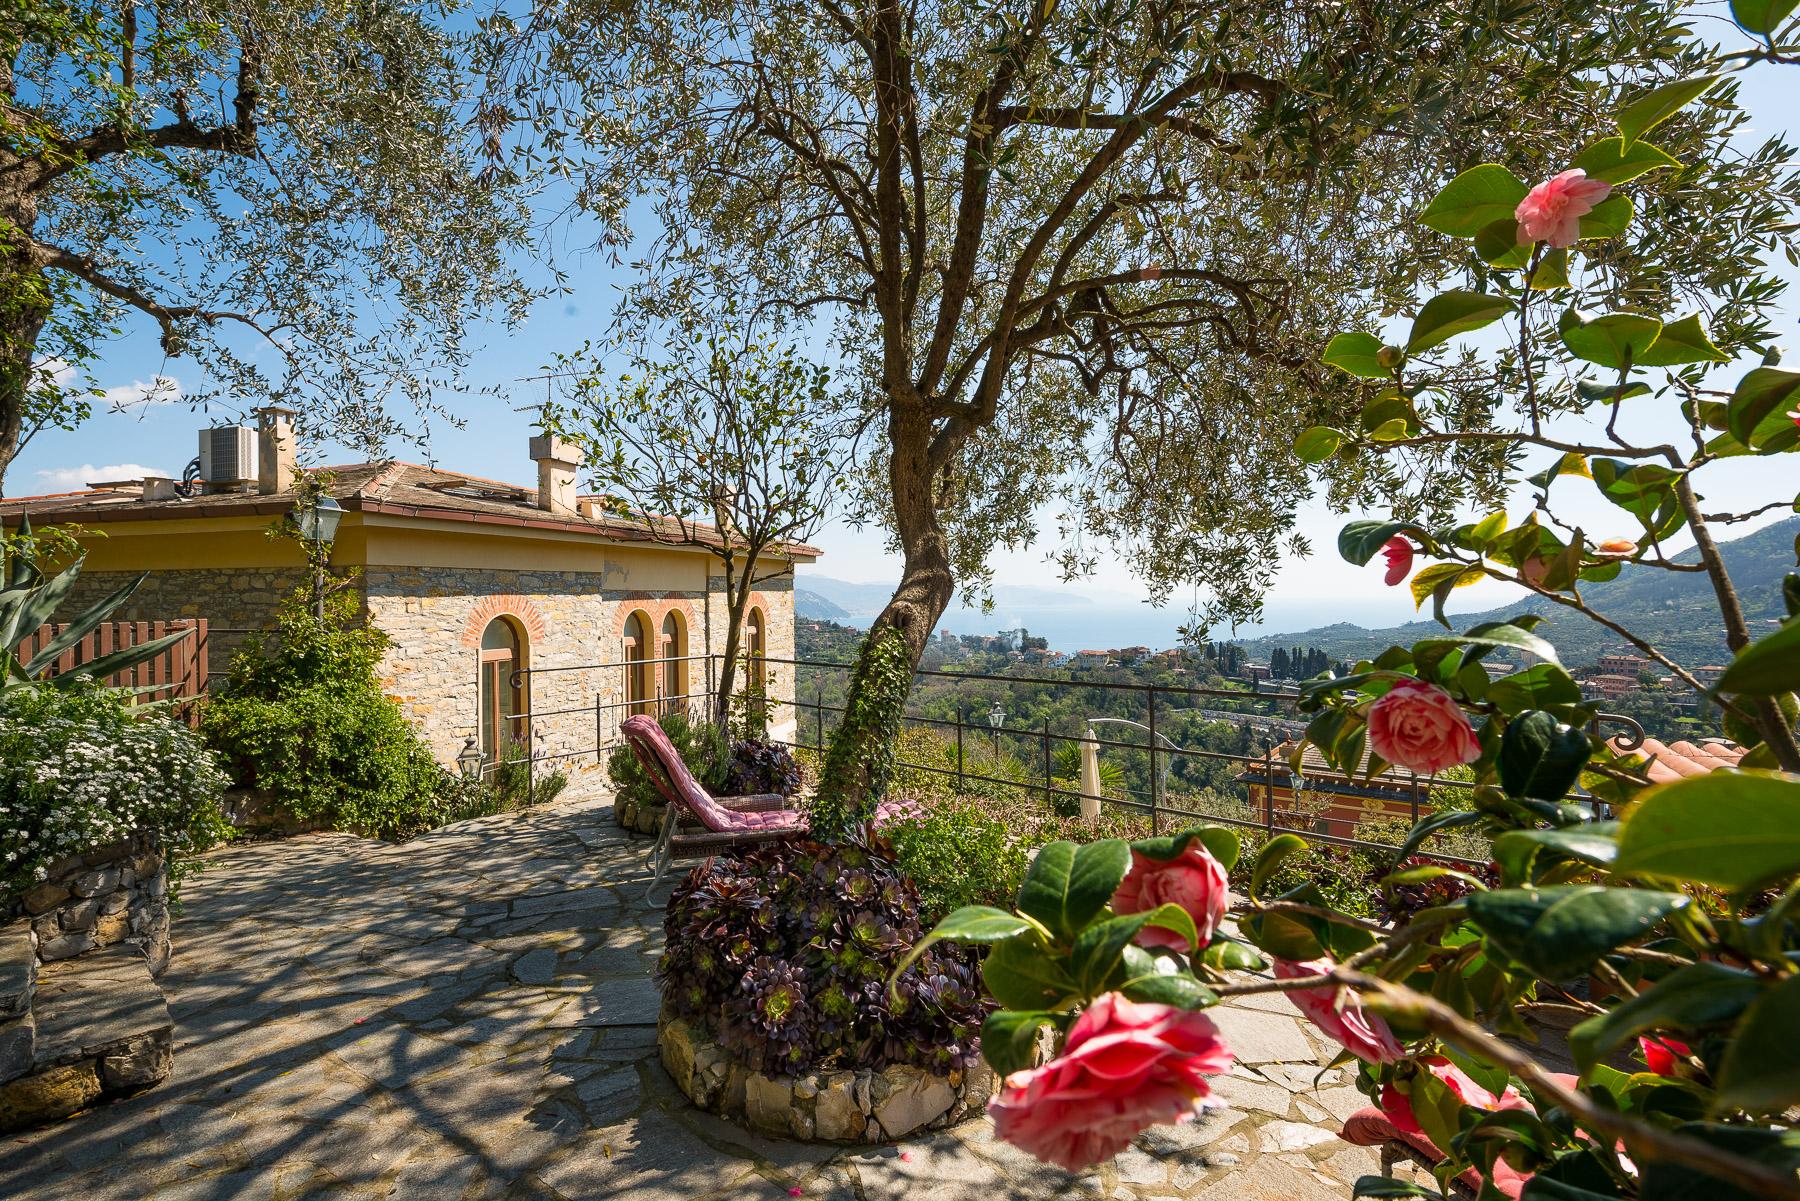 Casa indipendente in Vendita a Santa Margherita Ligure: 5 locali, 260 mq - Foto 2